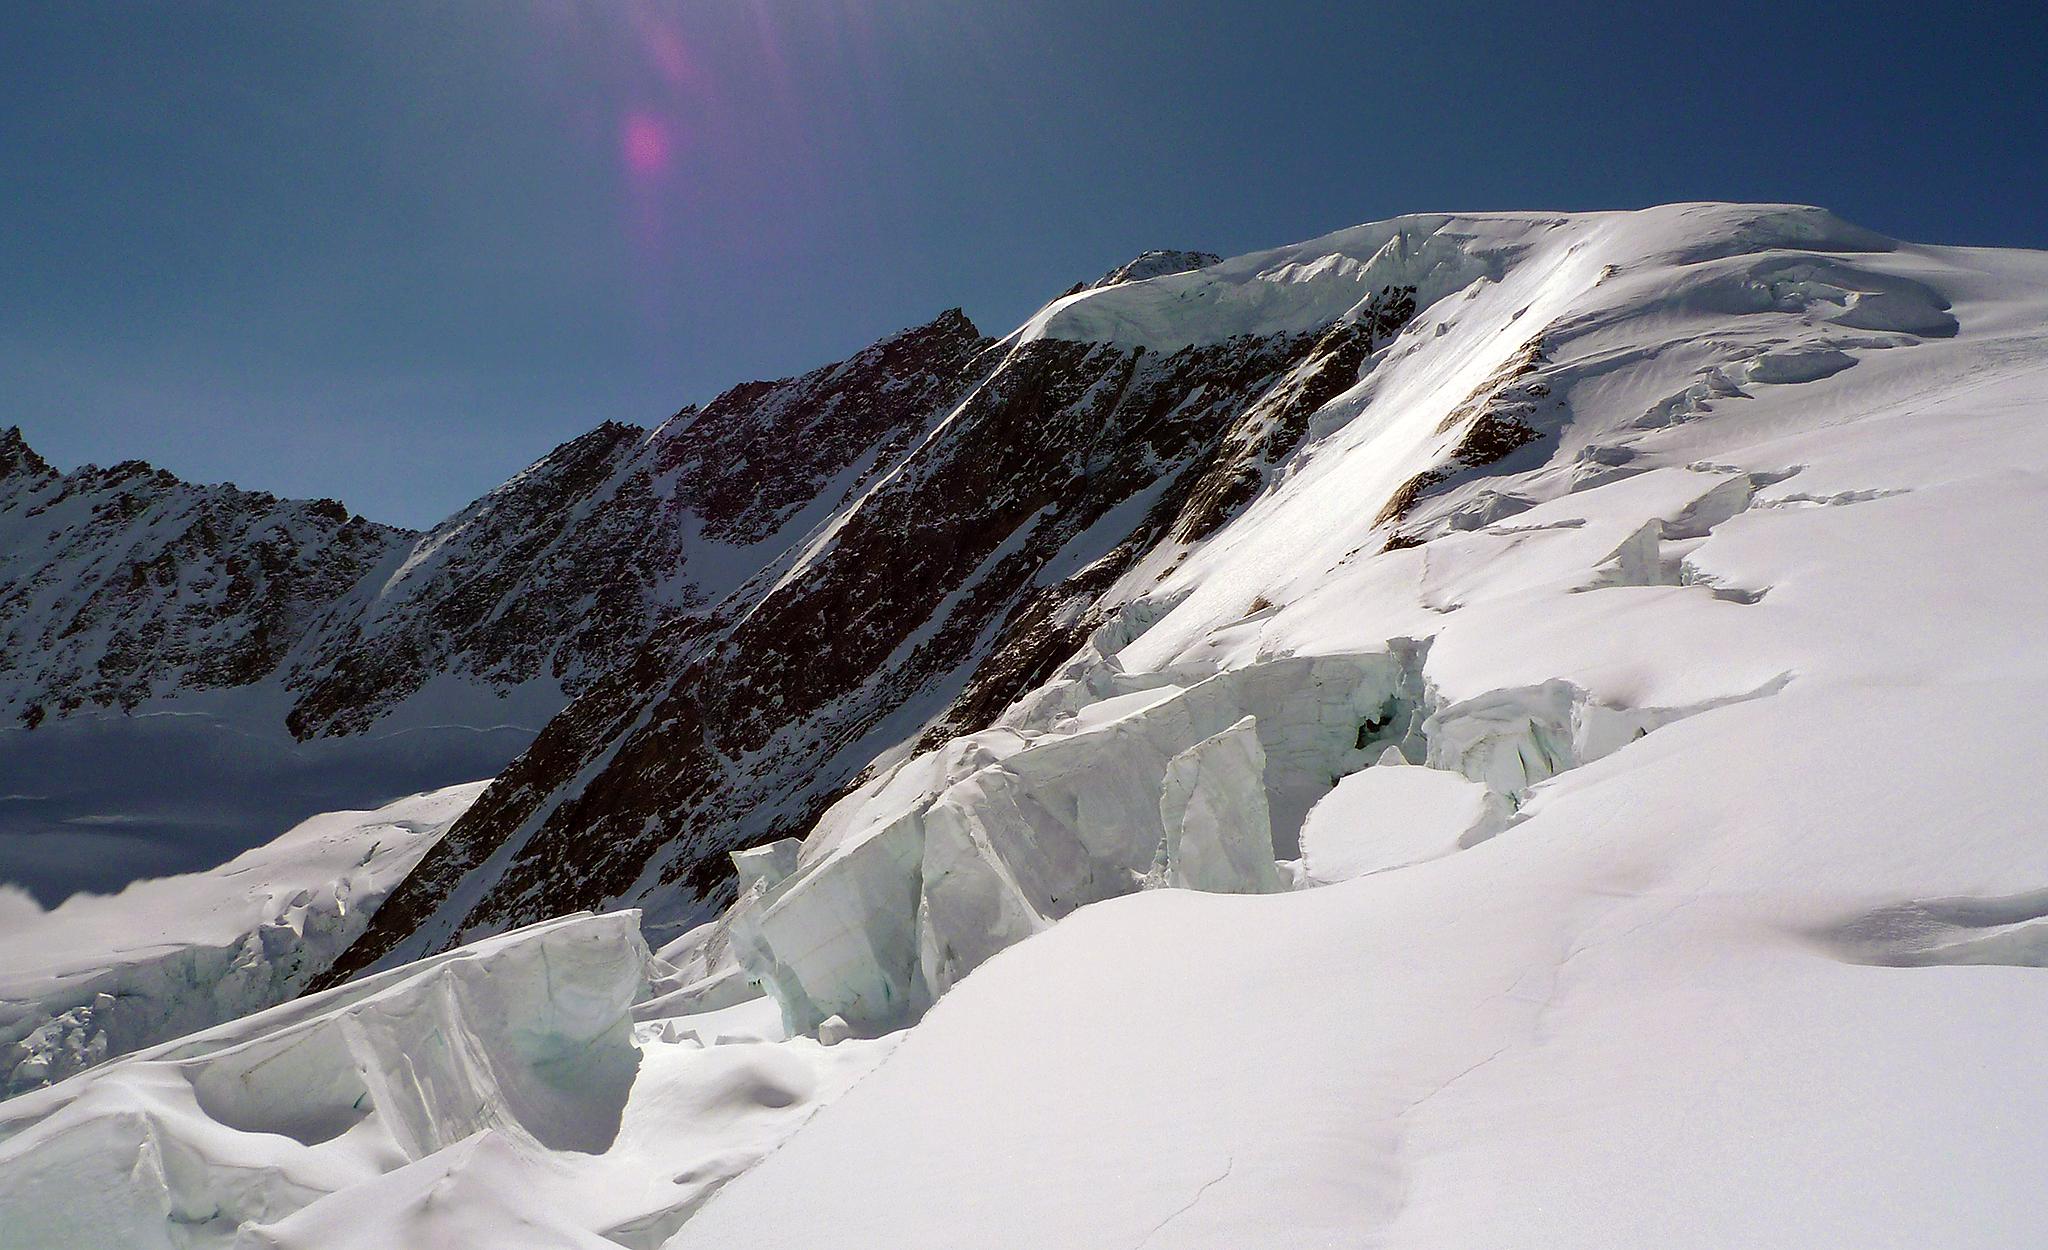 2010 / Hinter Fiescherhorn, descent to Fiischtere